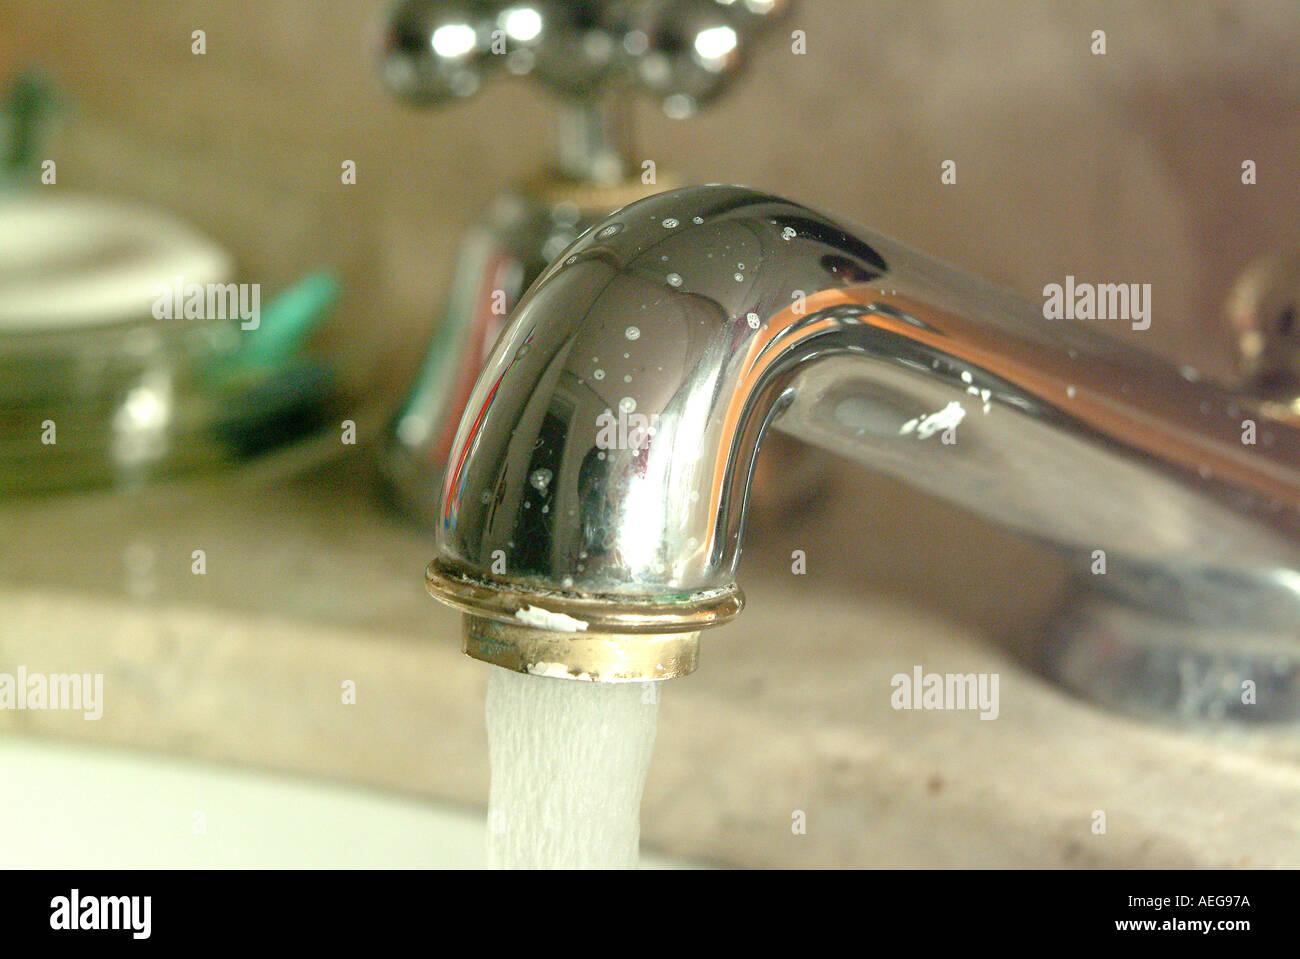 Sweet Home Bathroom Tap Sink Running Water Spigot Liquid Bench Stock